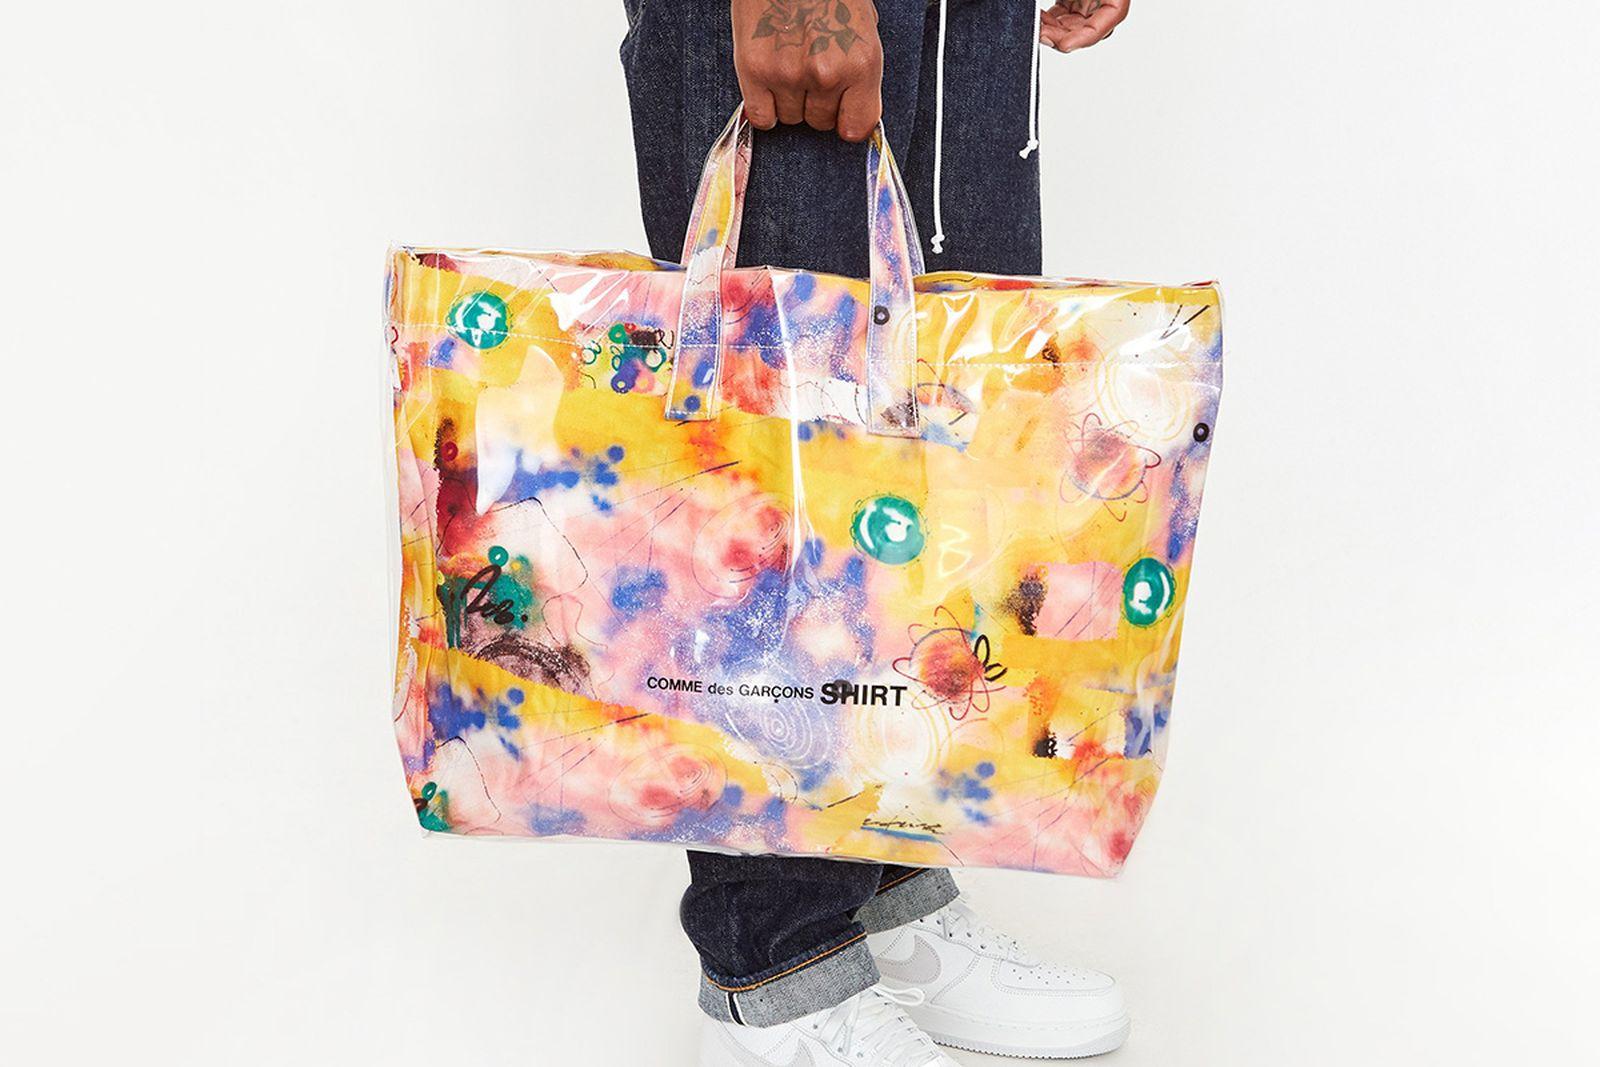 waterproof bags image